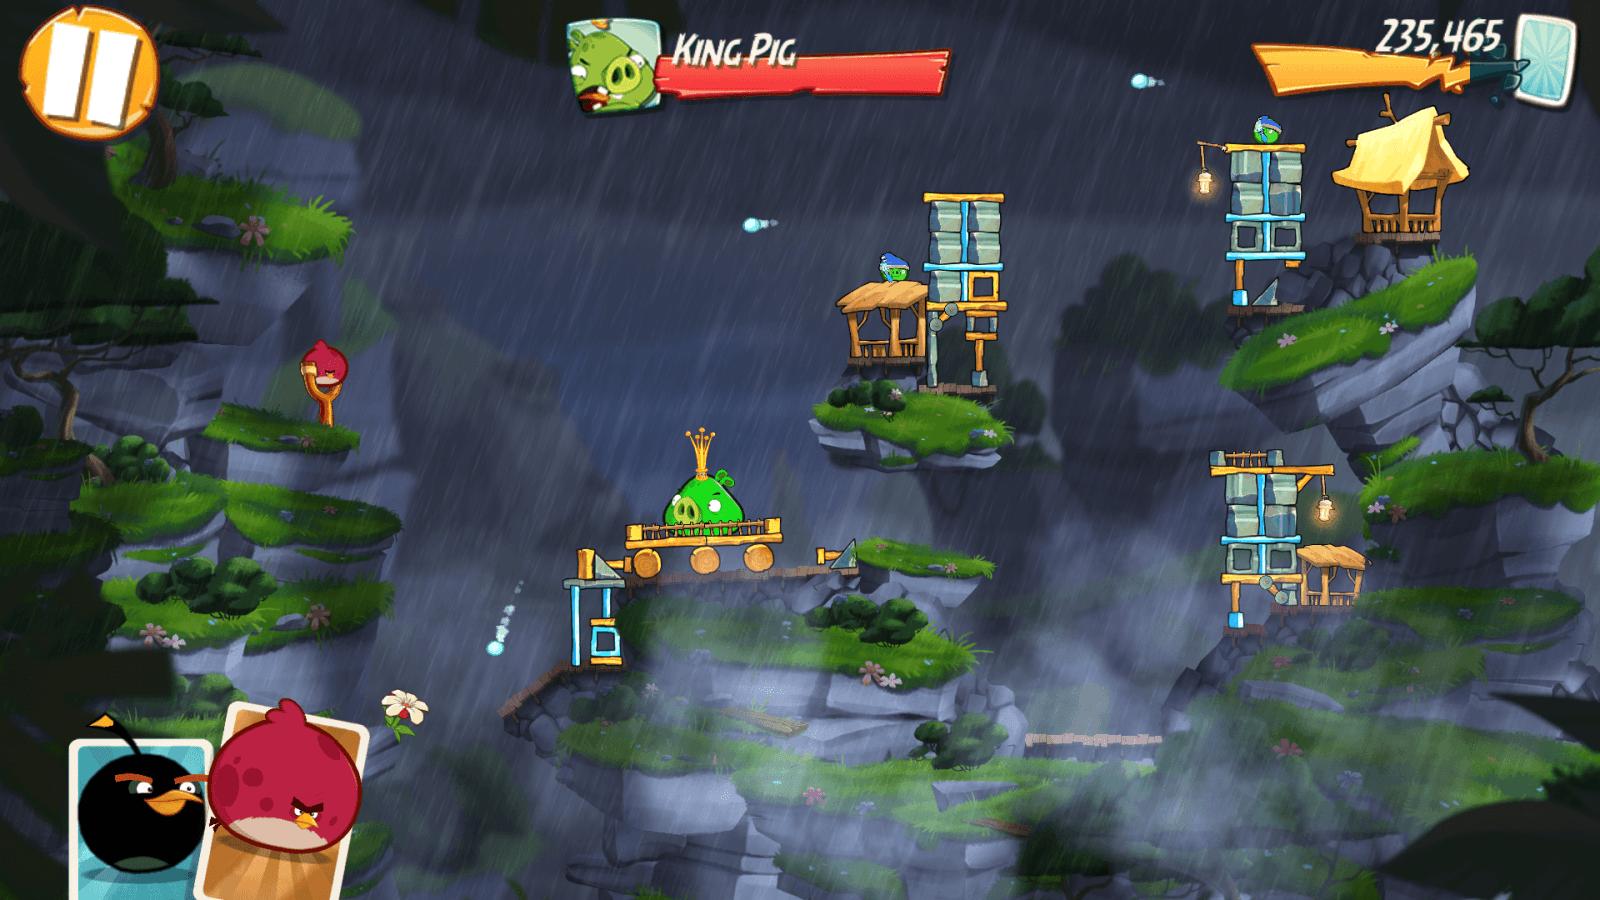 Screenshot 2015 08 24 02 45 17 - Прохождение боссов Angry Birds 2, часть 3